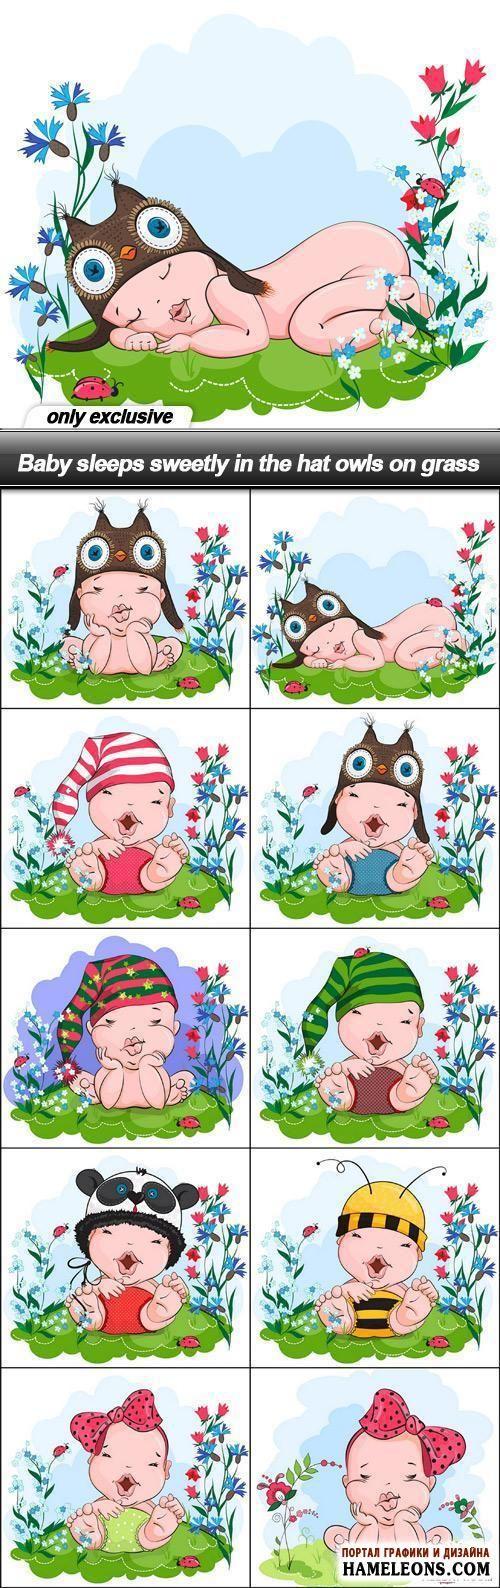 Милые маленькие дети на лужайке: зеленая трава, цветы, божья коровка - векторные иллюстрации | Baby sleeps sweetly in the hat owls on grass